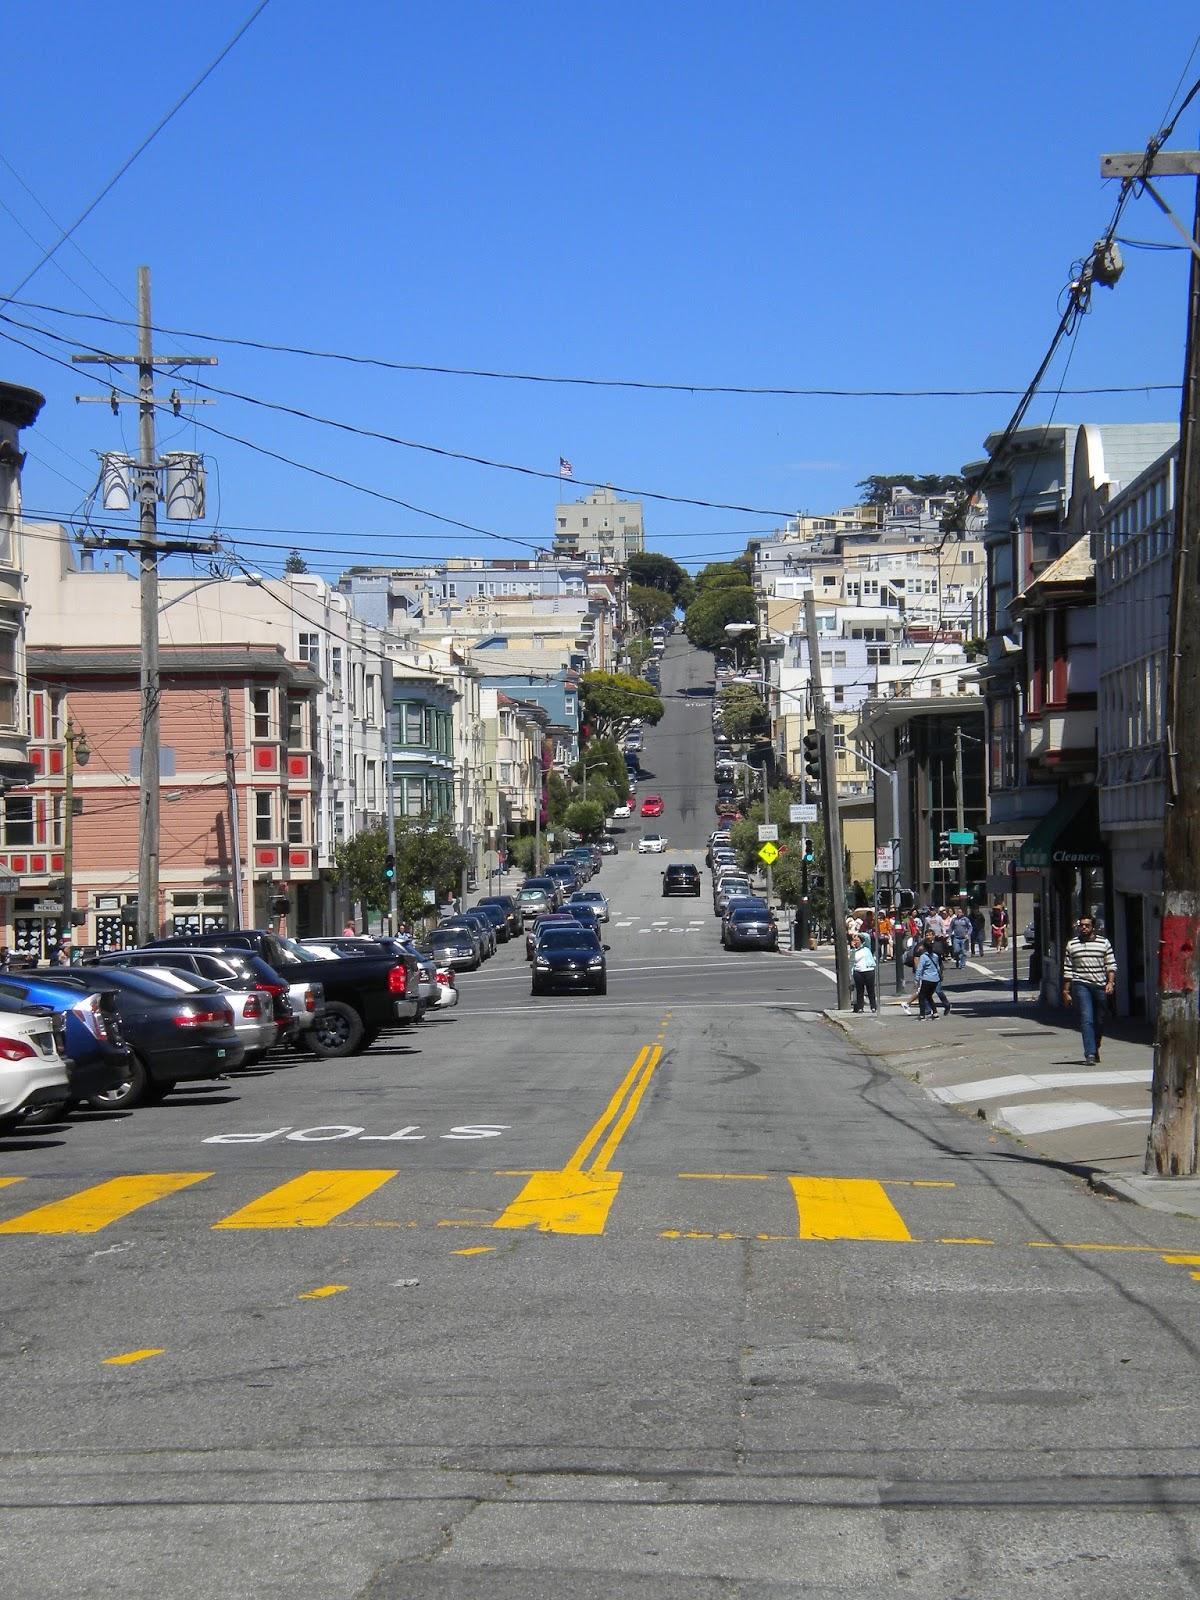 san francisco kalifornia matkailu matkajuttu mallaspulla katunäkymä